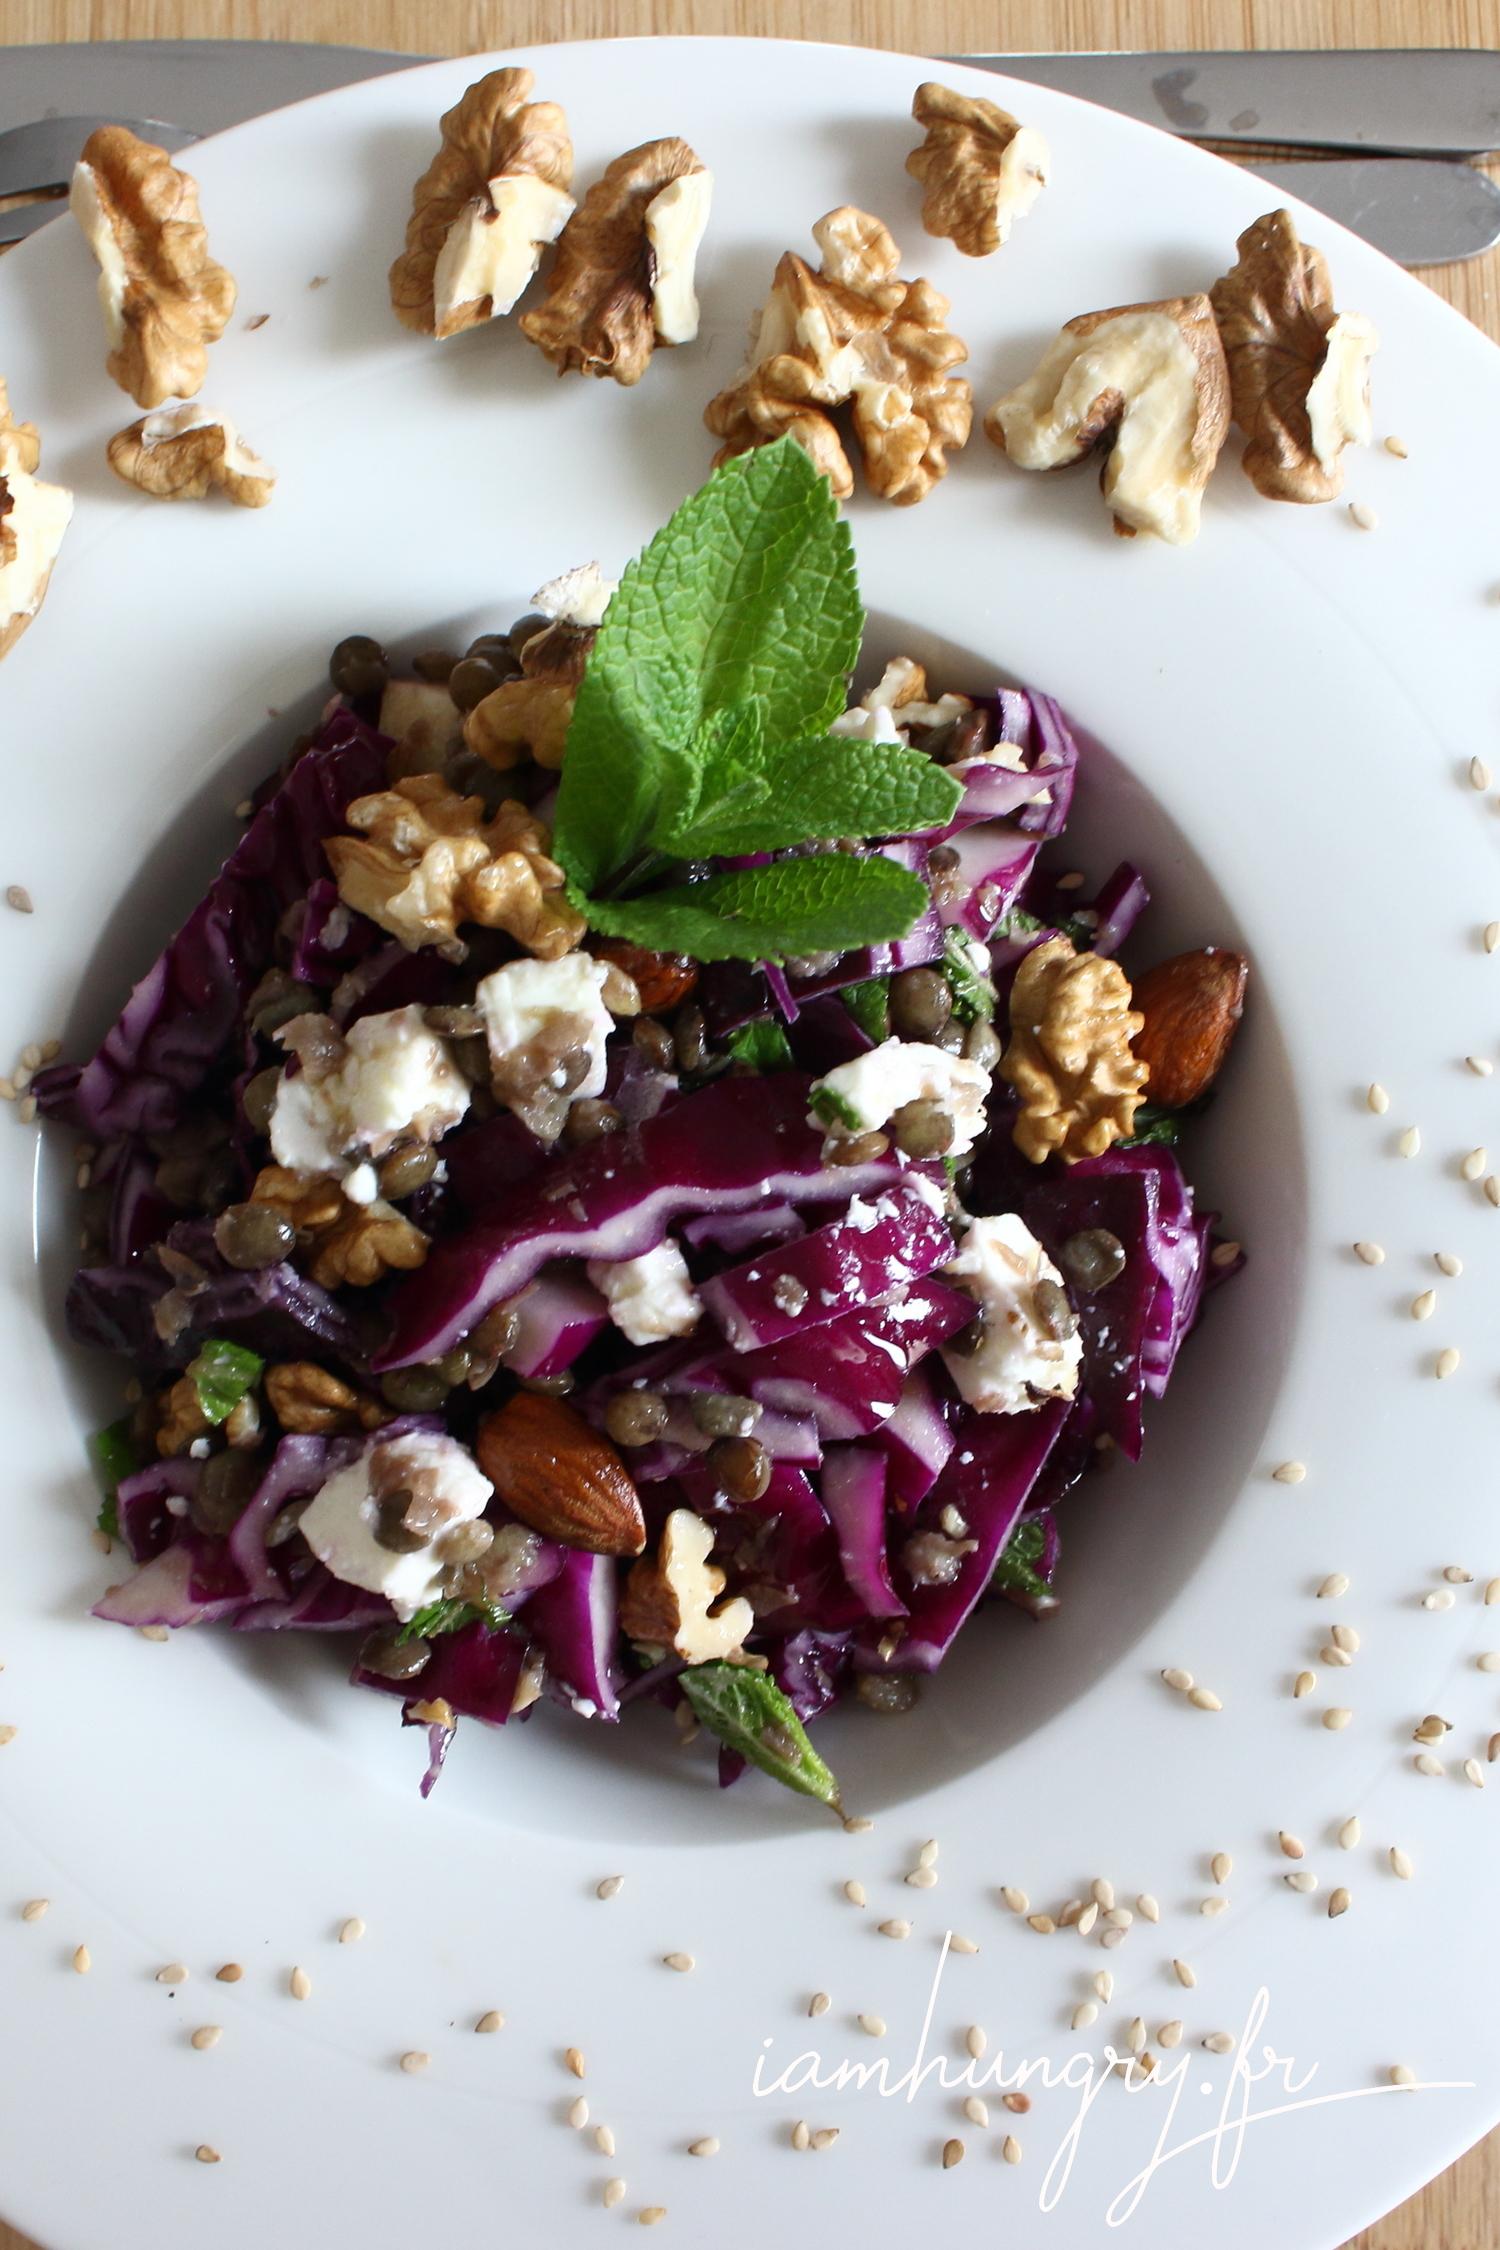 Salade de chou rouge et lentilles